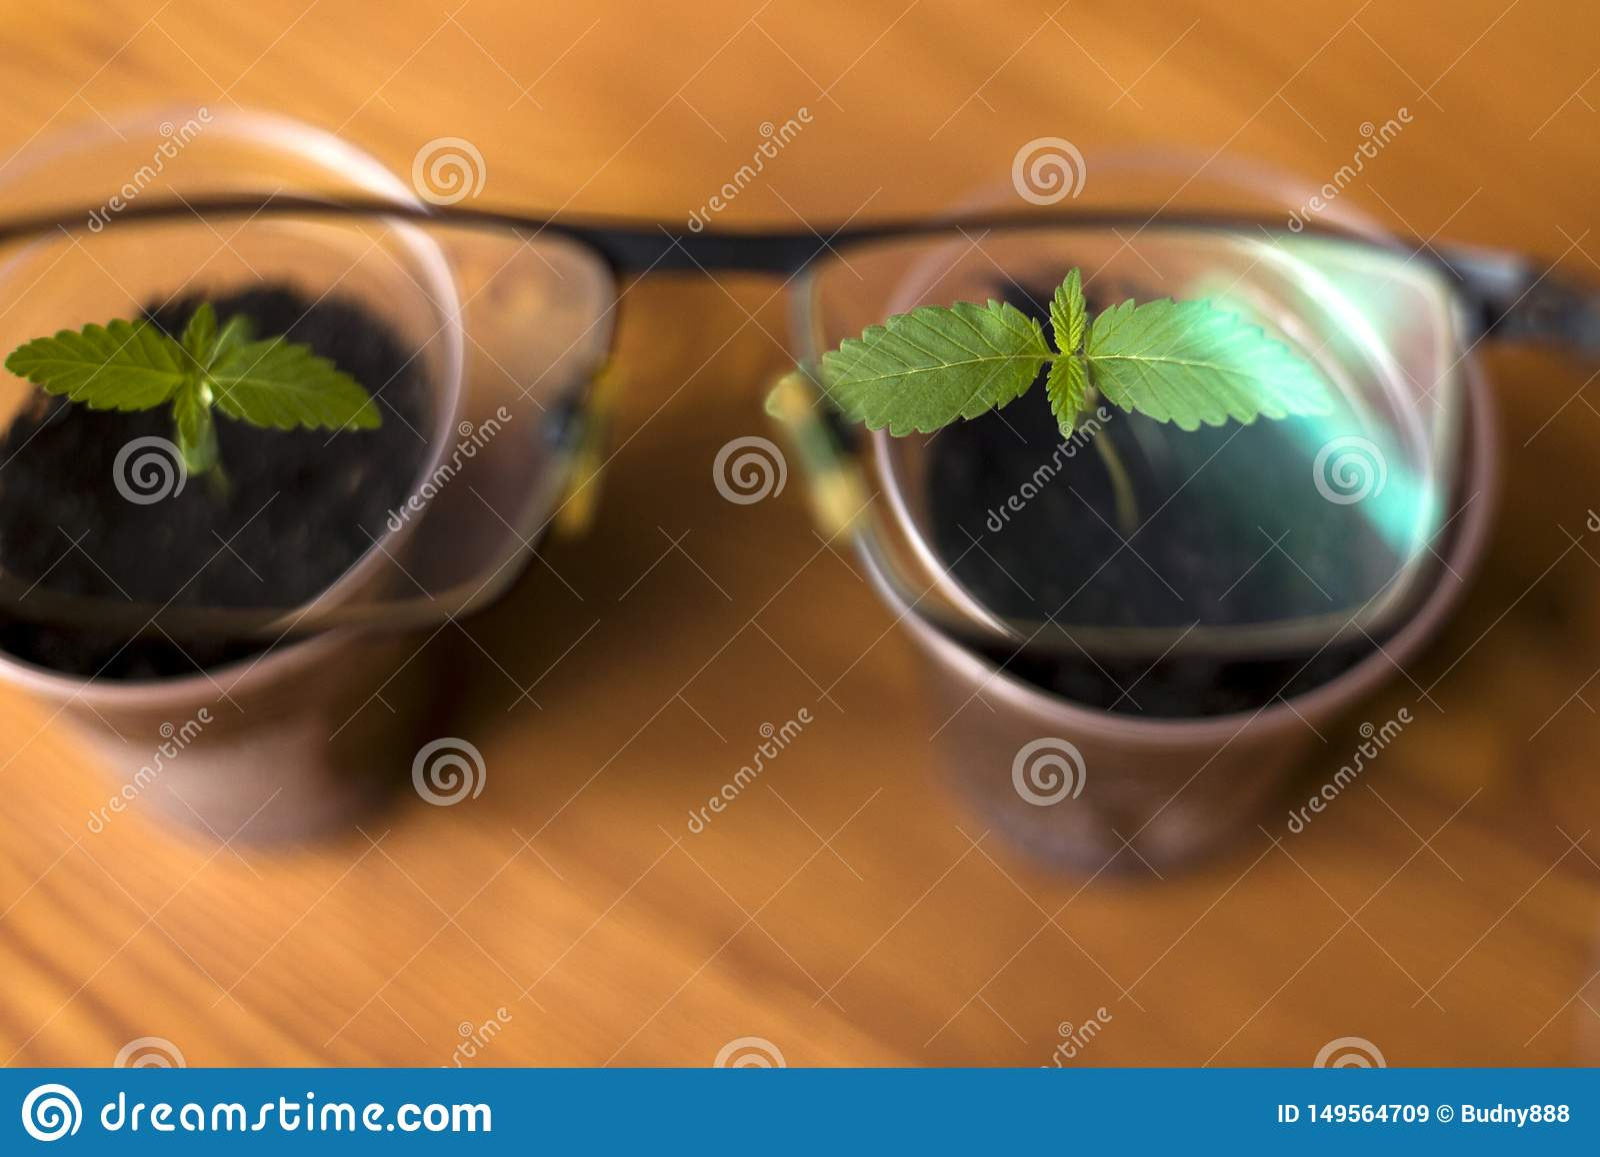 Plantas de marijuana m?dicas novas em uns copos atrav?s de uma lente dos vidros